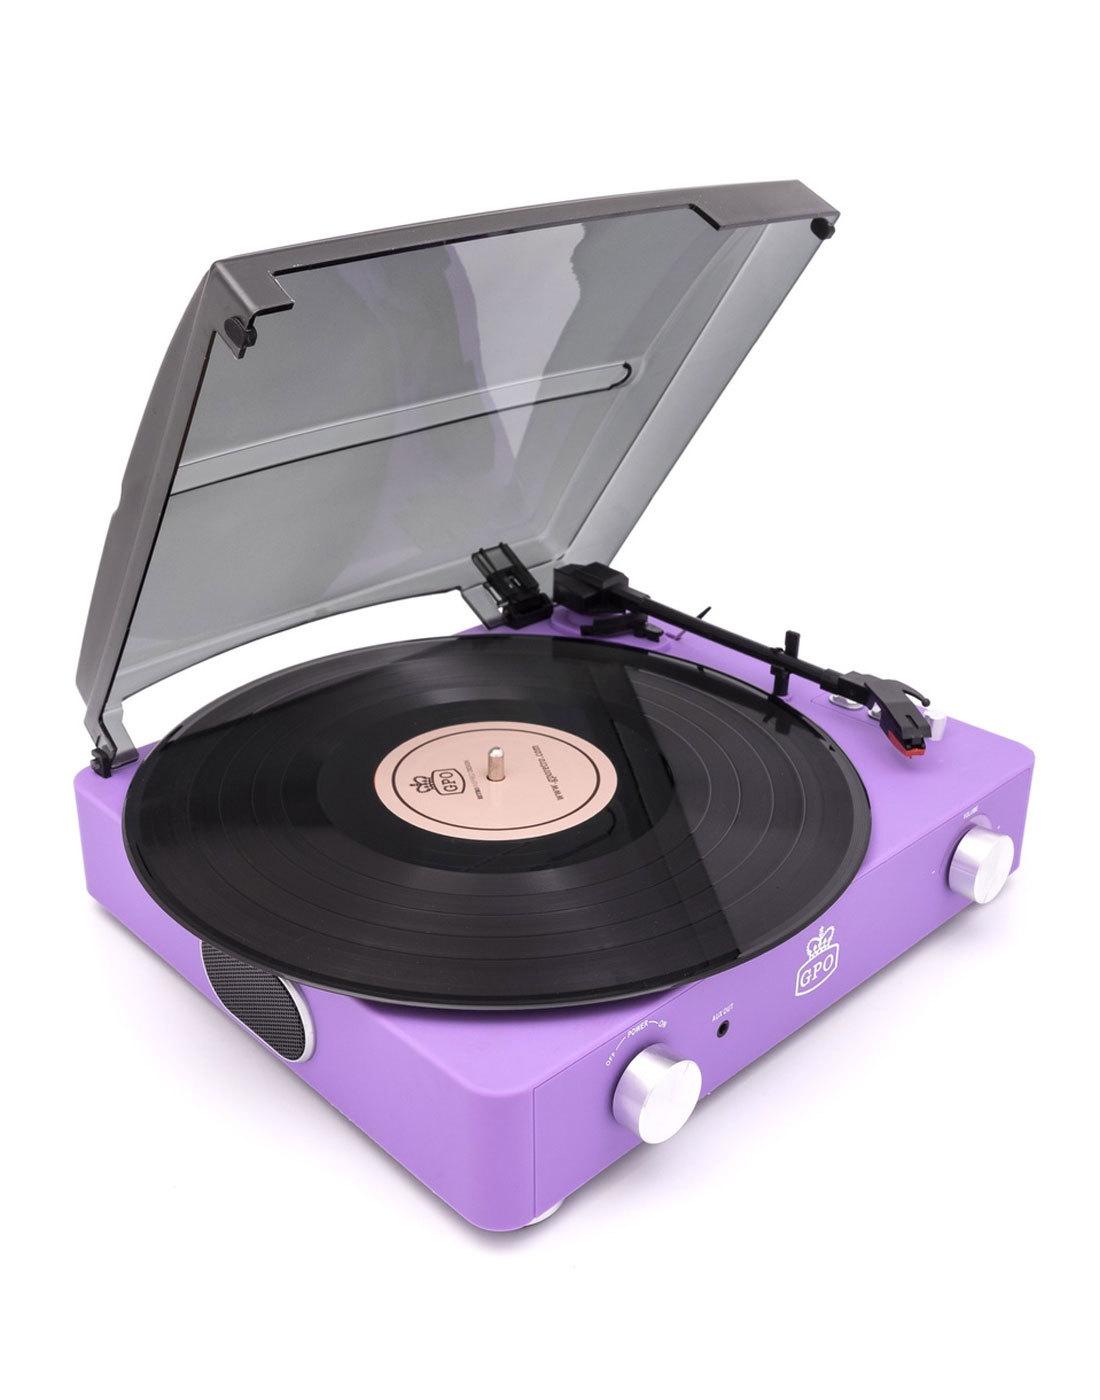 Stylo II GPO RETRO 1960s Mod Record Player - Lilac